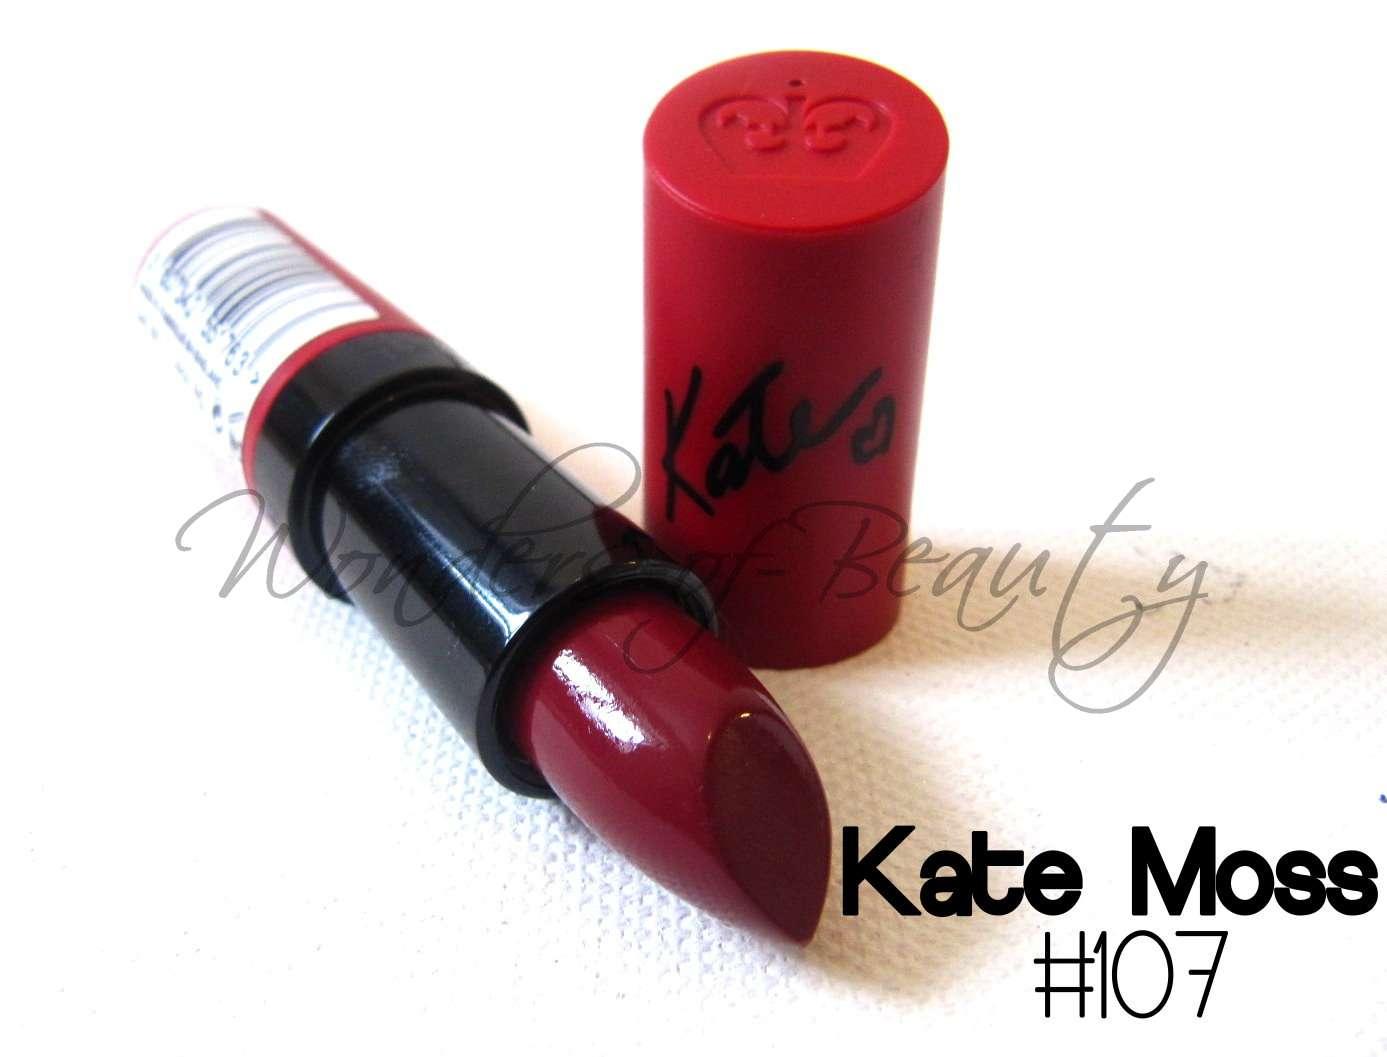 http://1.bp.blogspot.com/-ynNZl8B76kM/UJ4568aKzVI/AAAAAAAABSg/3NrM3rqW3TU/s1600/rimmel+london+kate+moss+lipstick+107+titledwtmk.jpg